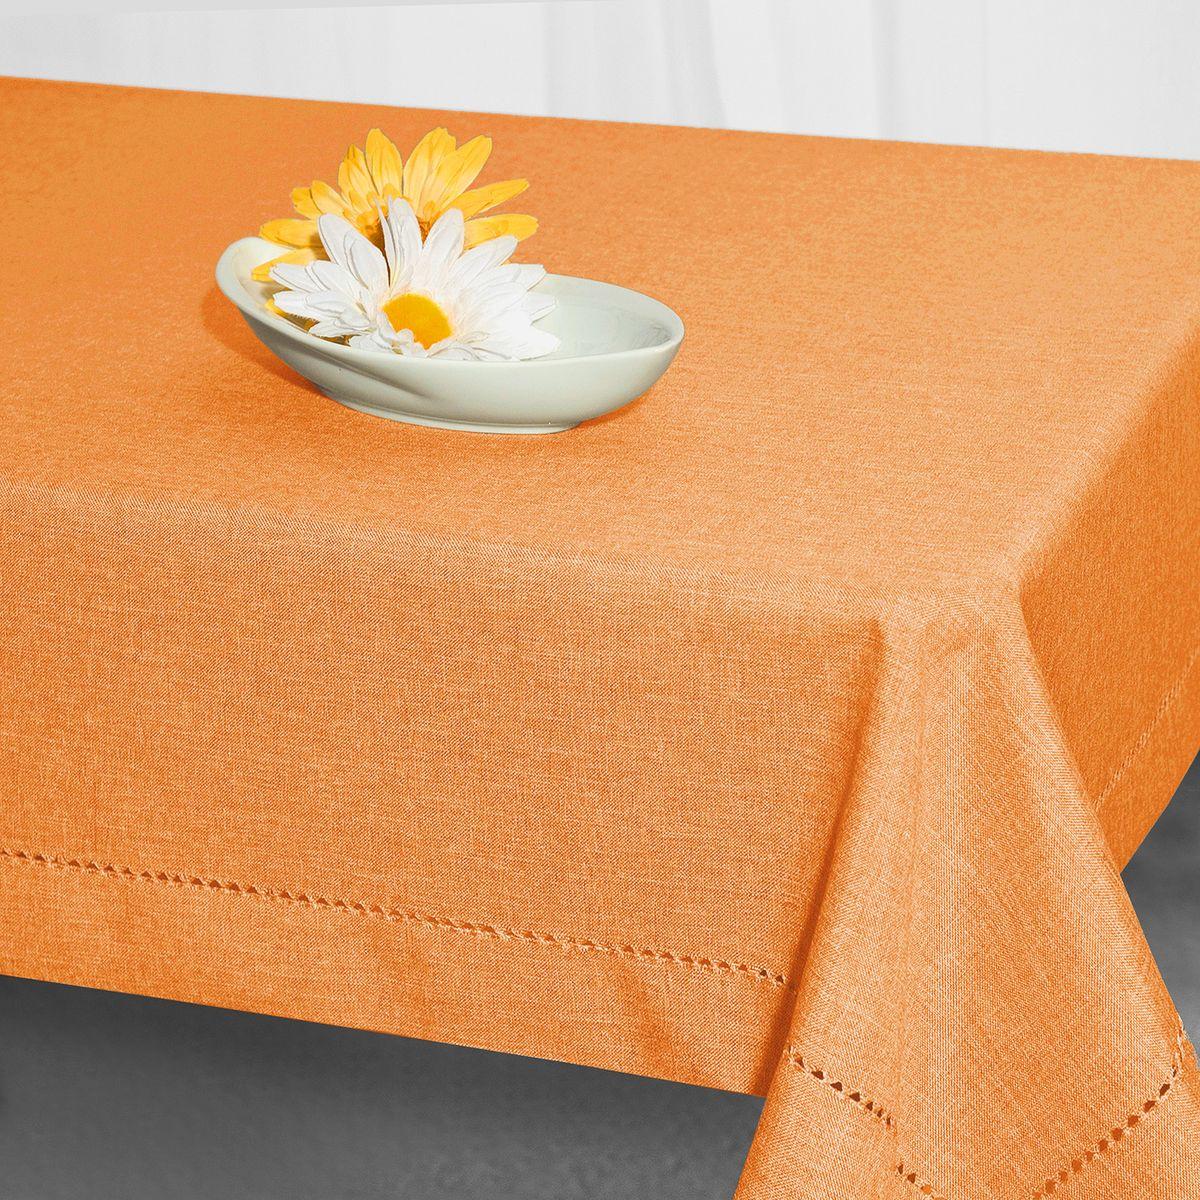 Скатерть Schaefer, прямоугольная, цвет: оранжевый, 160 x 220 см. 07599-40810.01.03.0066Стильная скатерть Schaefer выполнена из полиэстера.Изделия из полиэстера легко стирать: они не мнутся, не садятся и быстро сохнут, они более долговечны, чем изделия из натуральных волокон.Немецкая компания Schaefer создана в 1921 году. На протяжении всего времени существования она создает уникальные коллекции домашнего текстиля для гостиных, спален, кухонь и ванных комнат. Дизайнерские идеи немецких художников компании Schaefer воплощаются в текстильных изделиях, которые сделают ваш дом красивее и уютнее и не останутся незамеченными вашими гостями. Дарите себе и близким красоту каждый день!